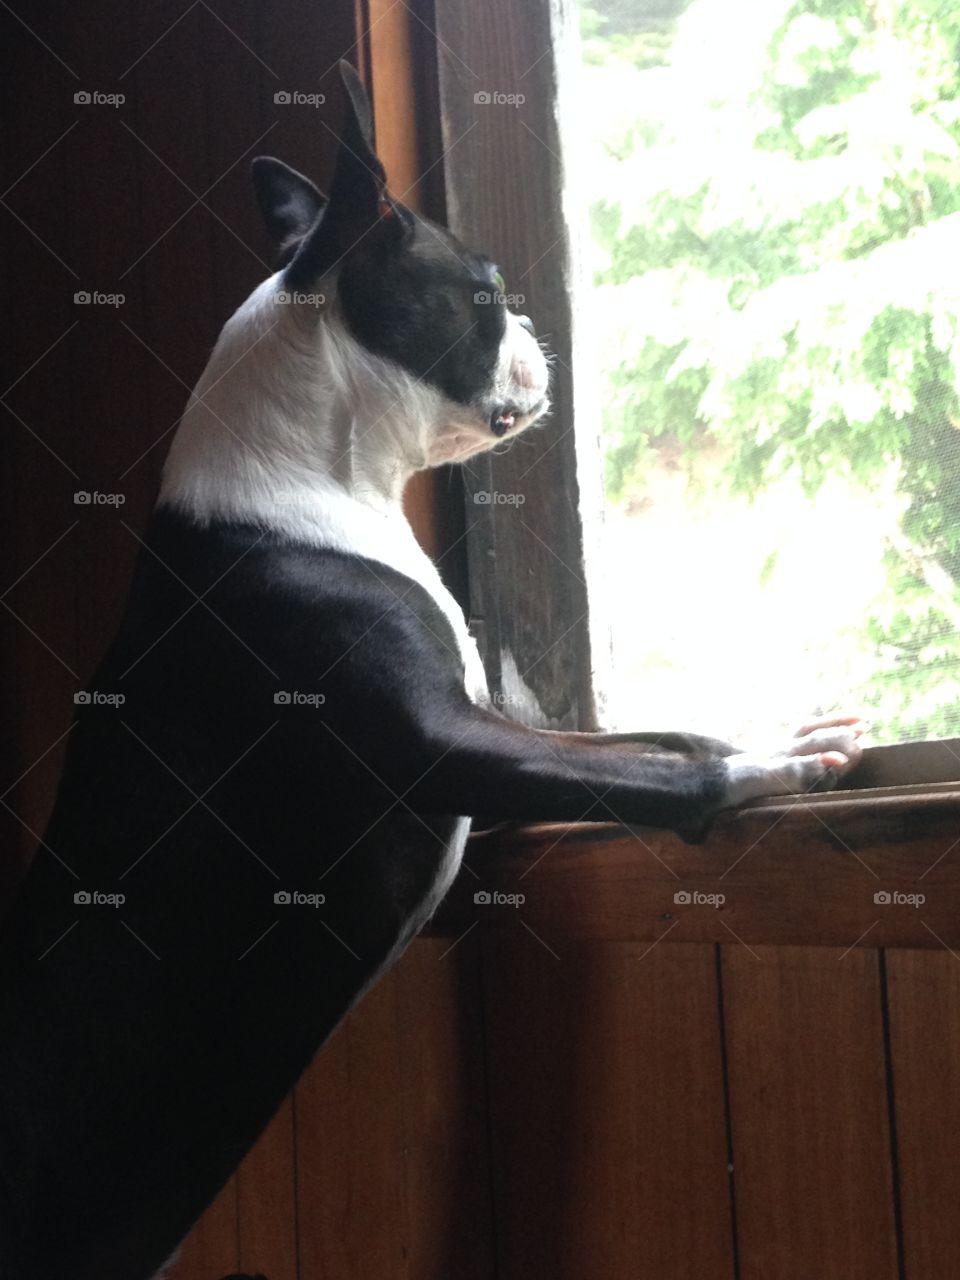 Mammal, One, Portrait, No Person, Dog